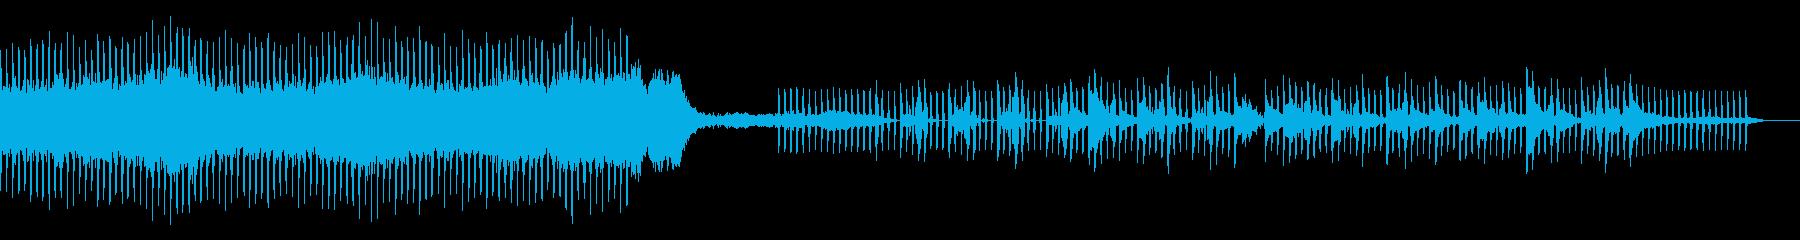 近未来的でクールなアンビエントな楽曲の再生済みの波形